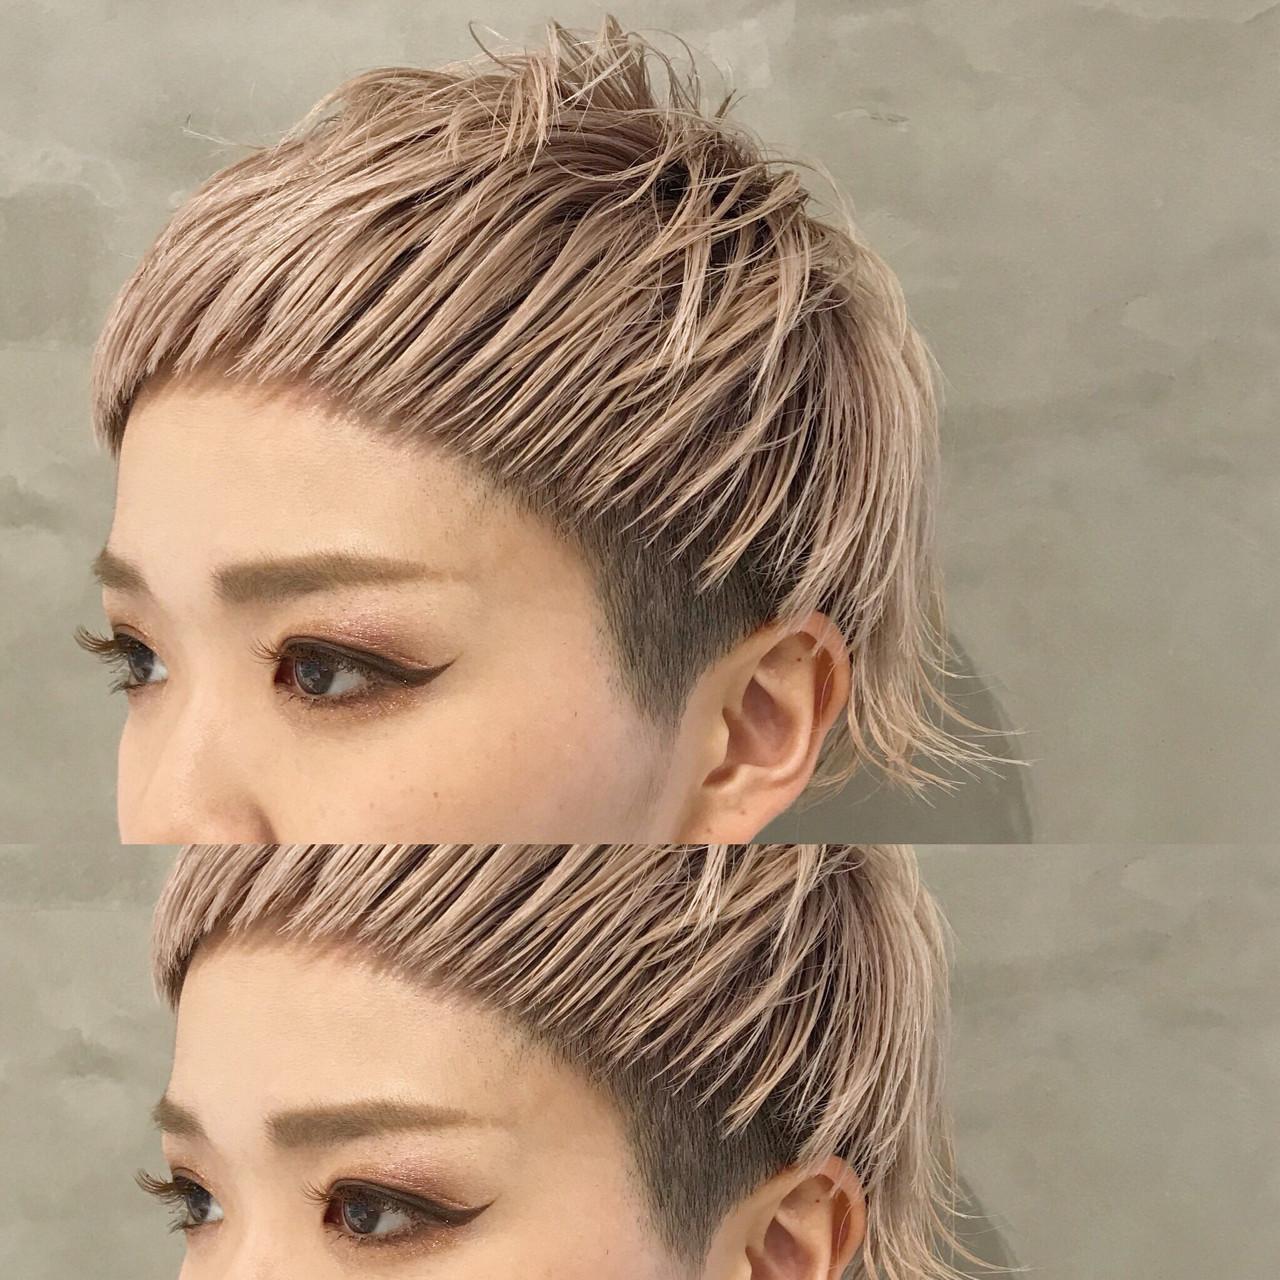 オン眉 ショート ベビーバング モード ヘアスタイルや髪型の写真・画像